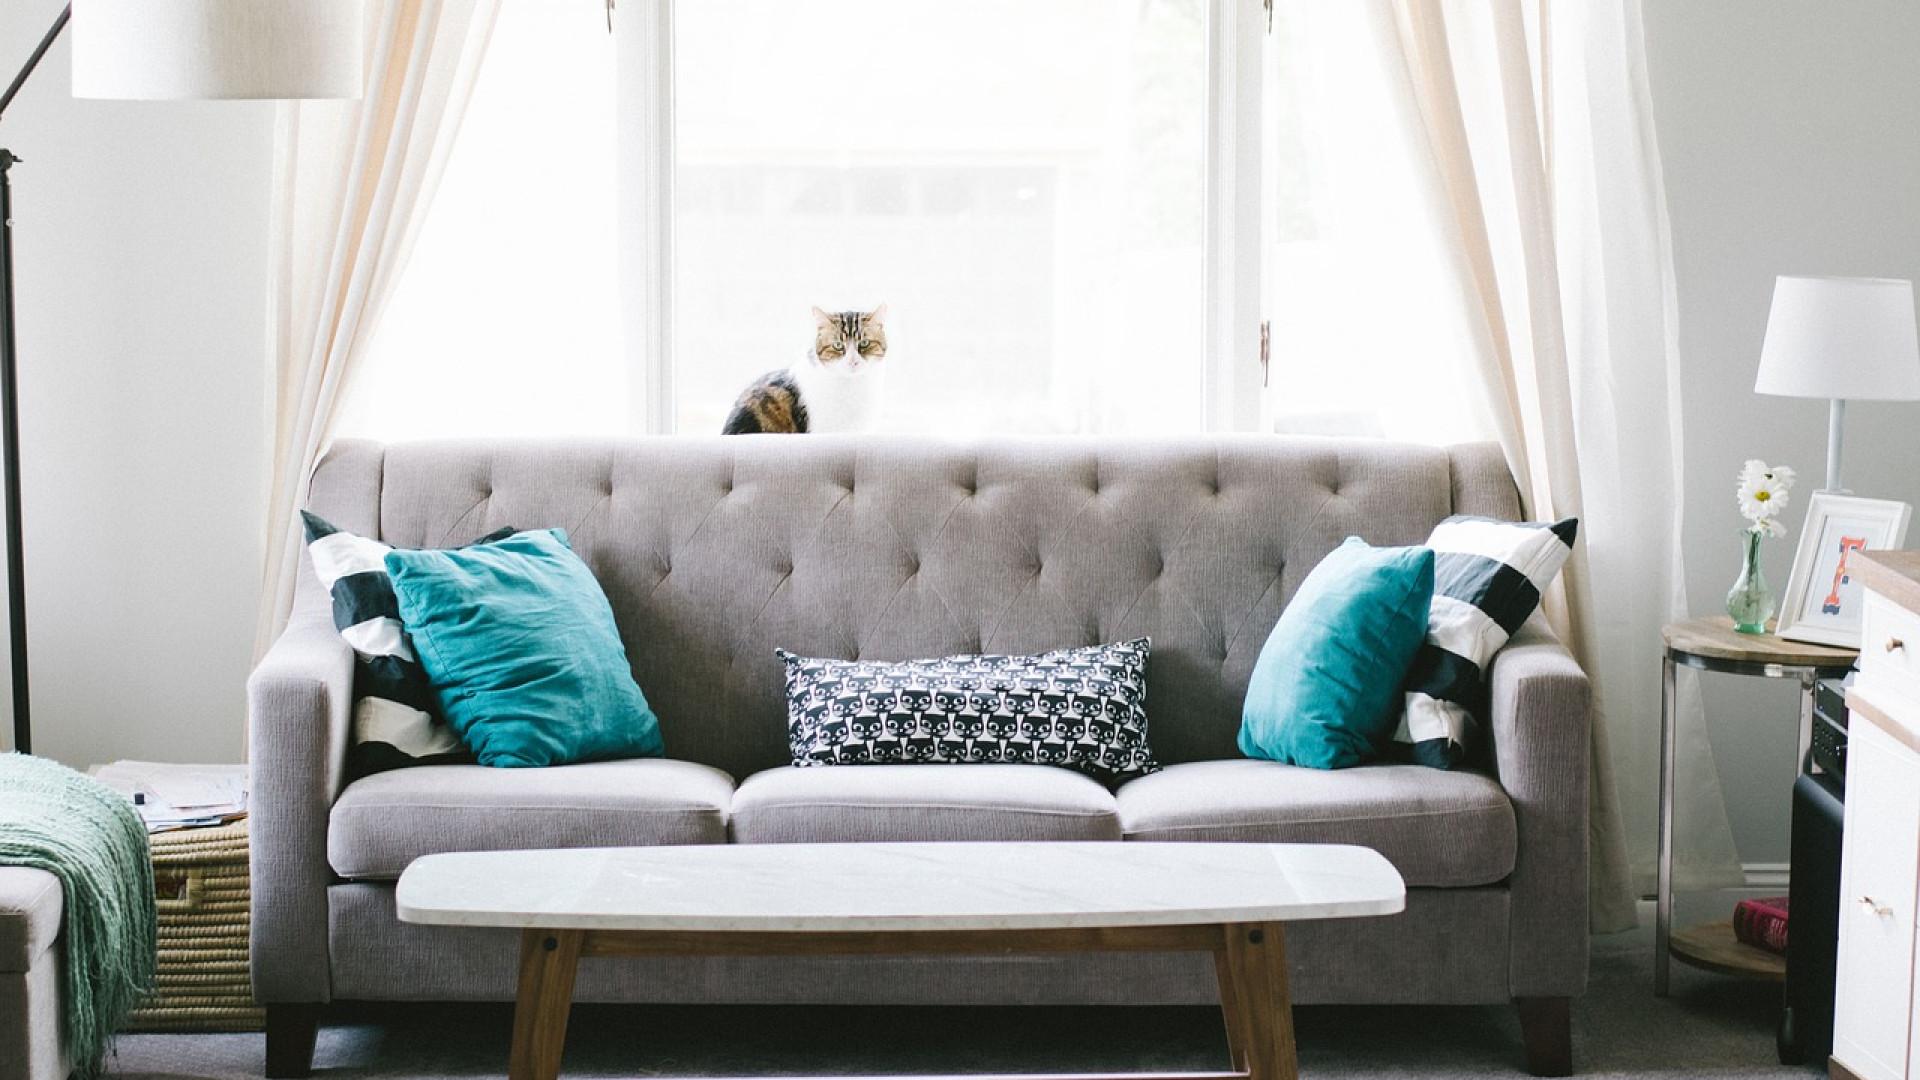 Maison et déco: les tendances à suivre